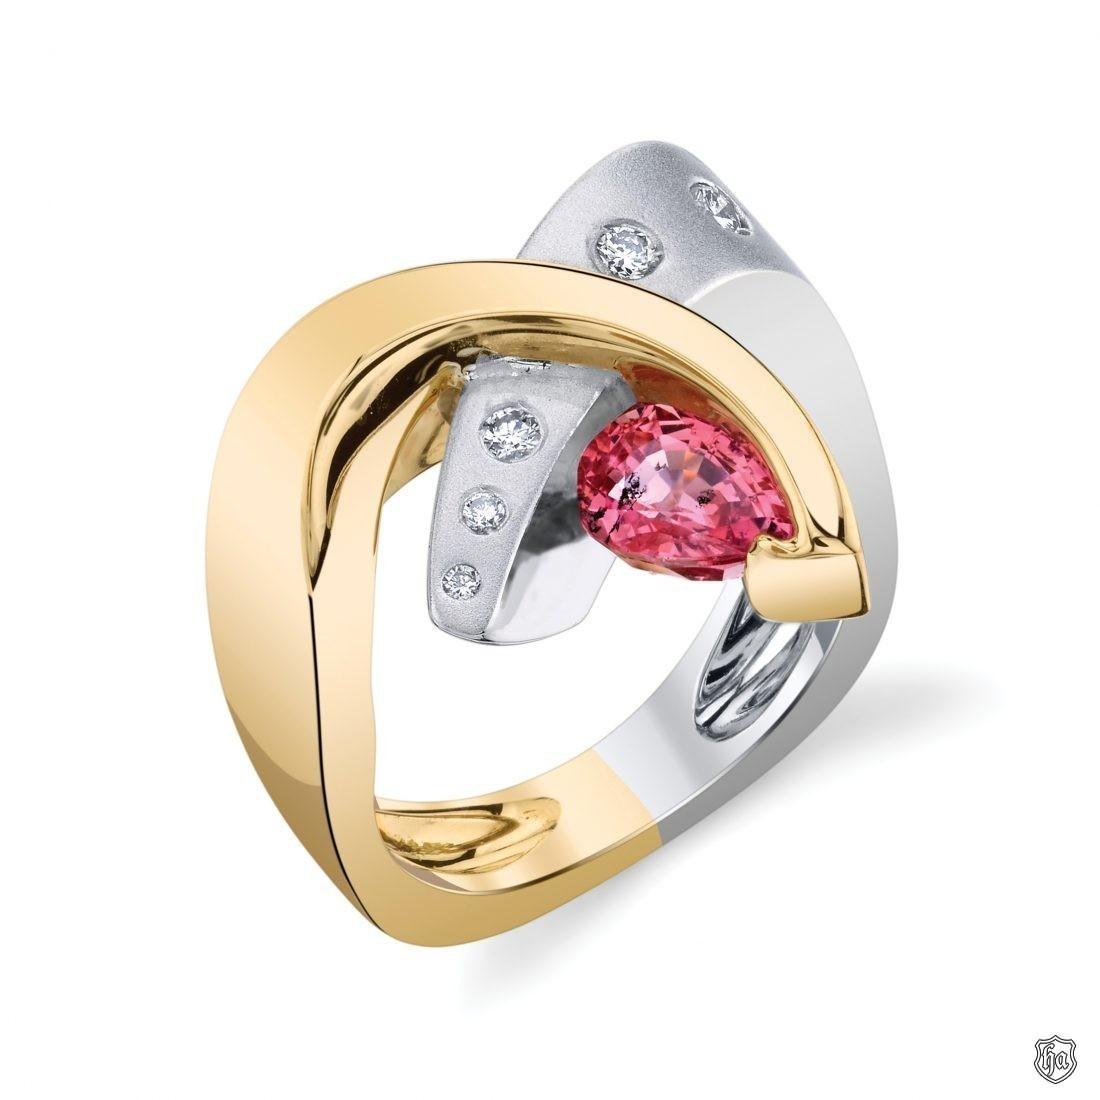 A Dutch Jewelry Design Legend